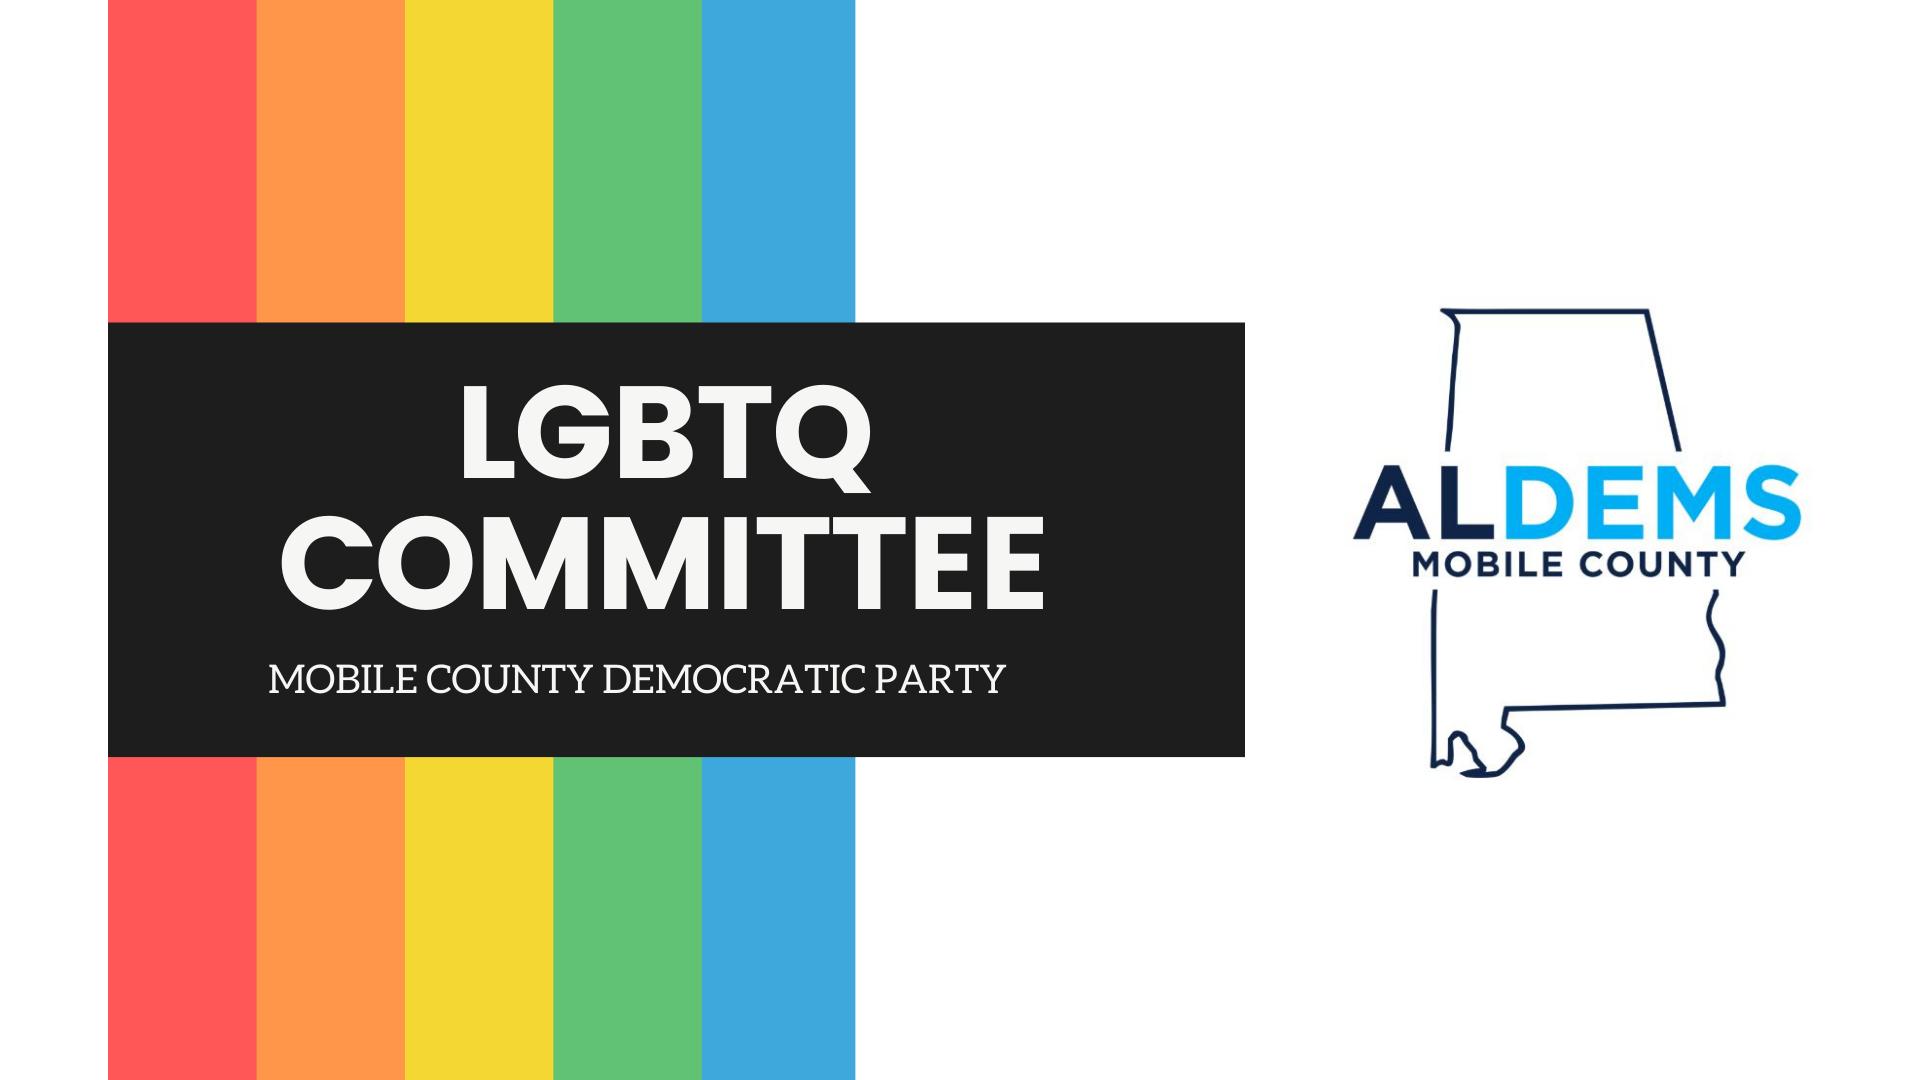 LGBTQ Committee